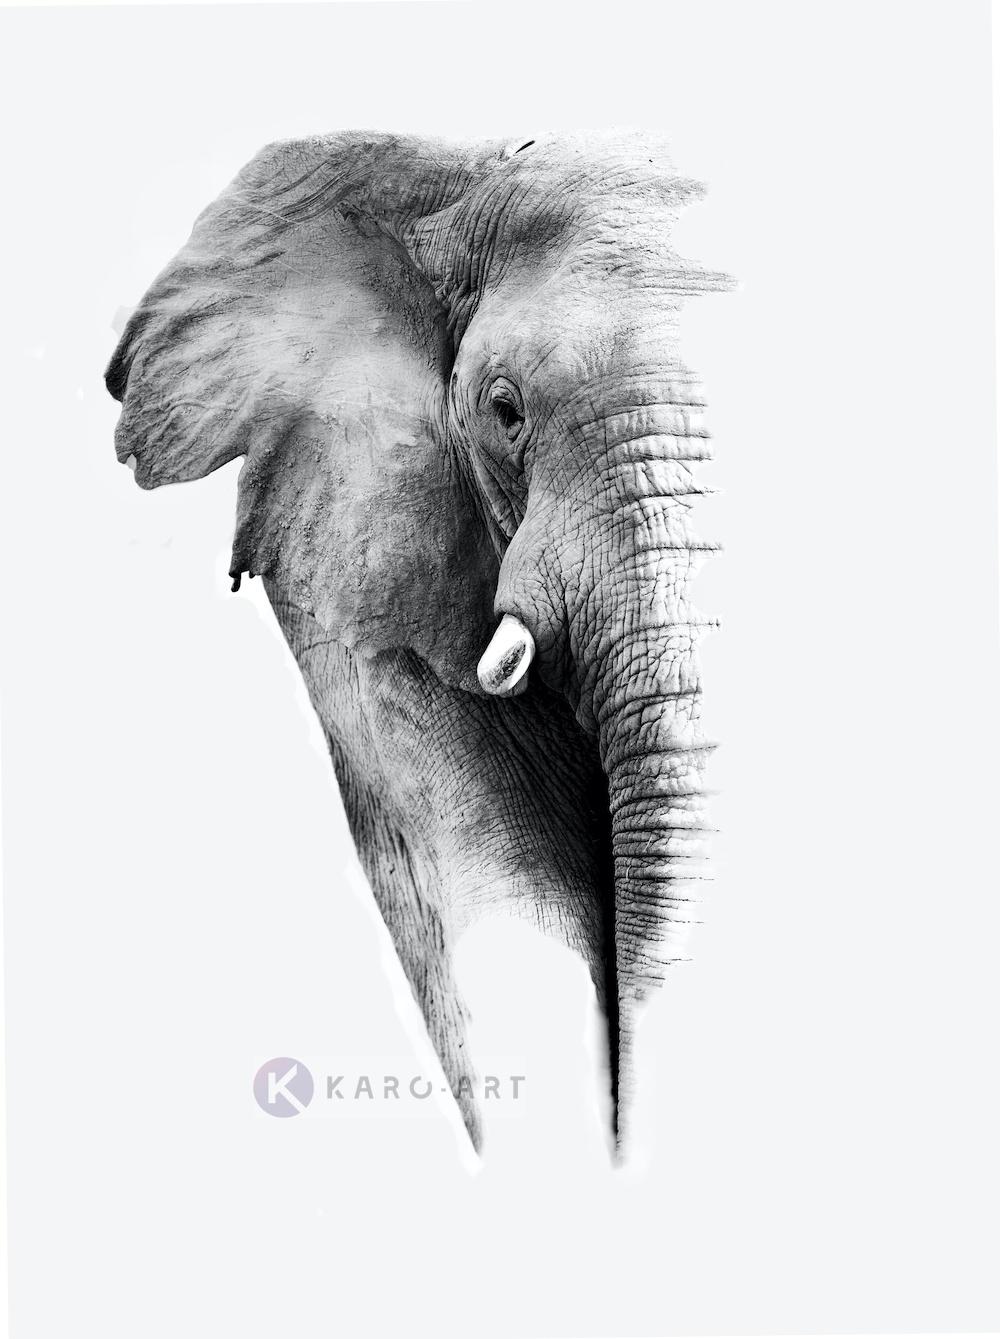 Afbeelding op acrylglas - Olifant op witte achtergrond